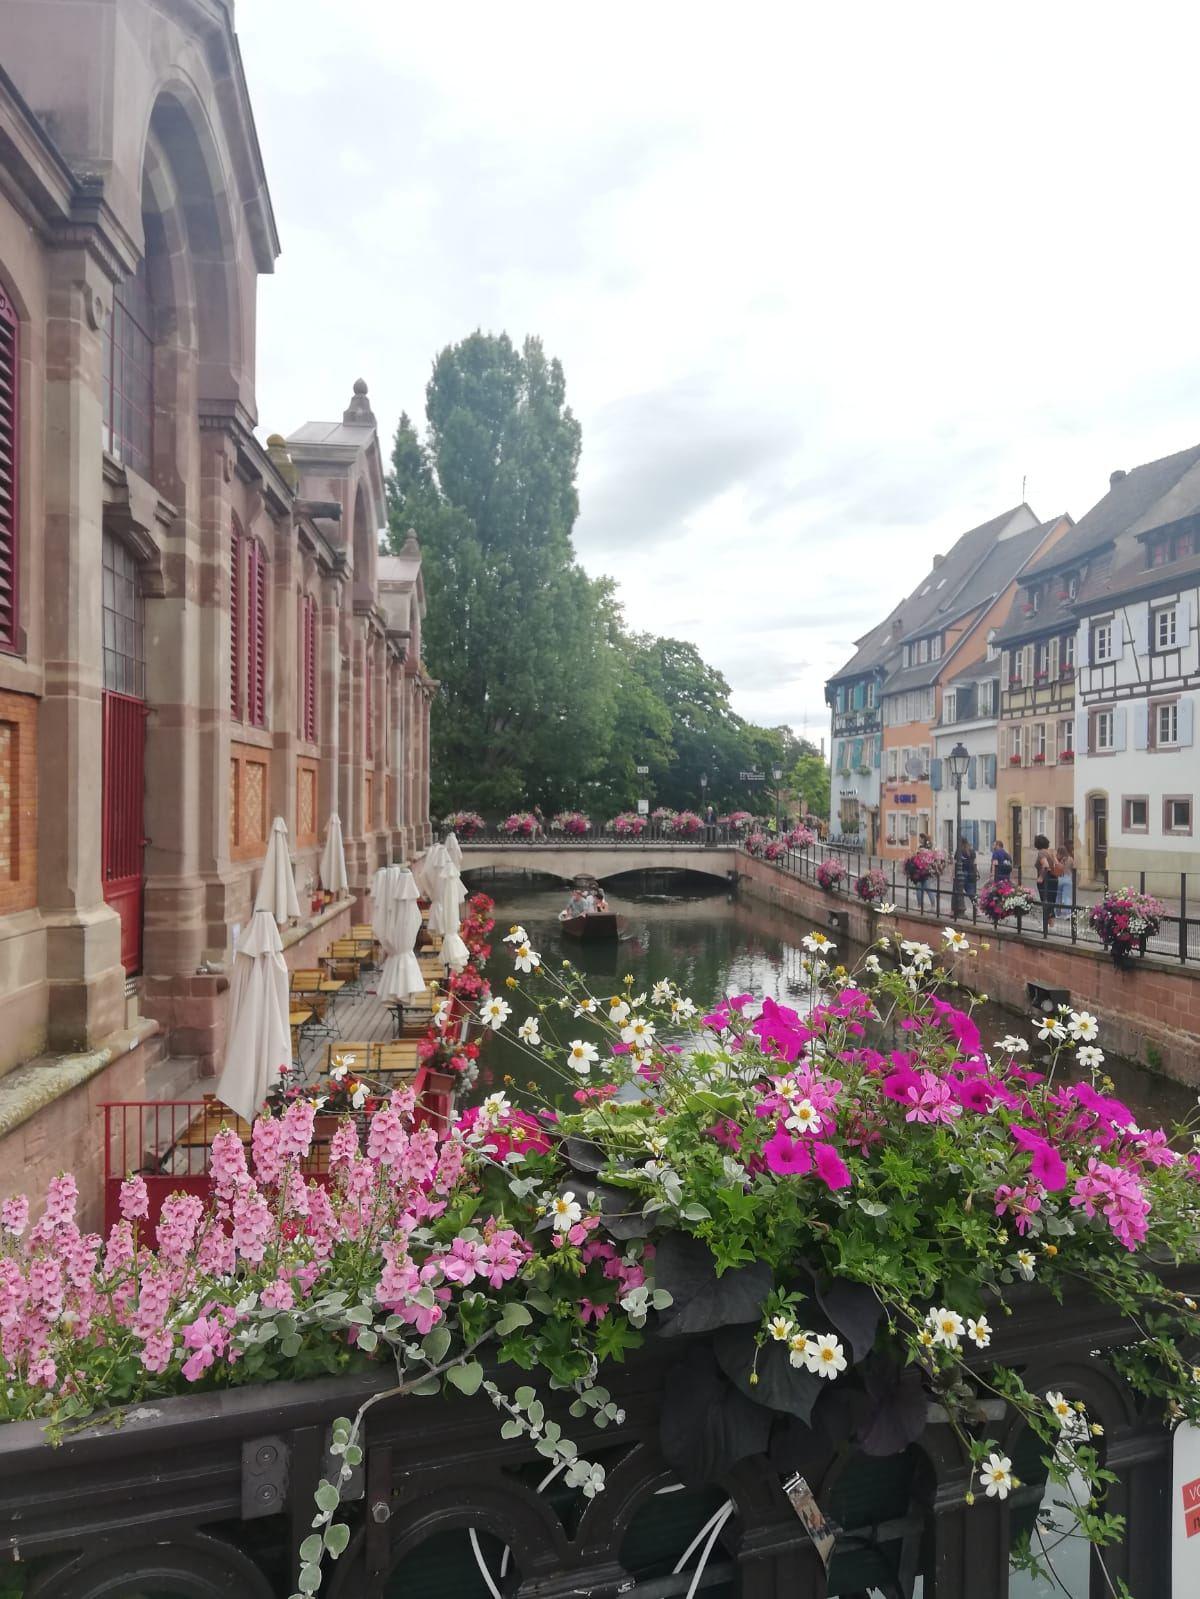 Der Blick auf den Kanal und die Markthalle